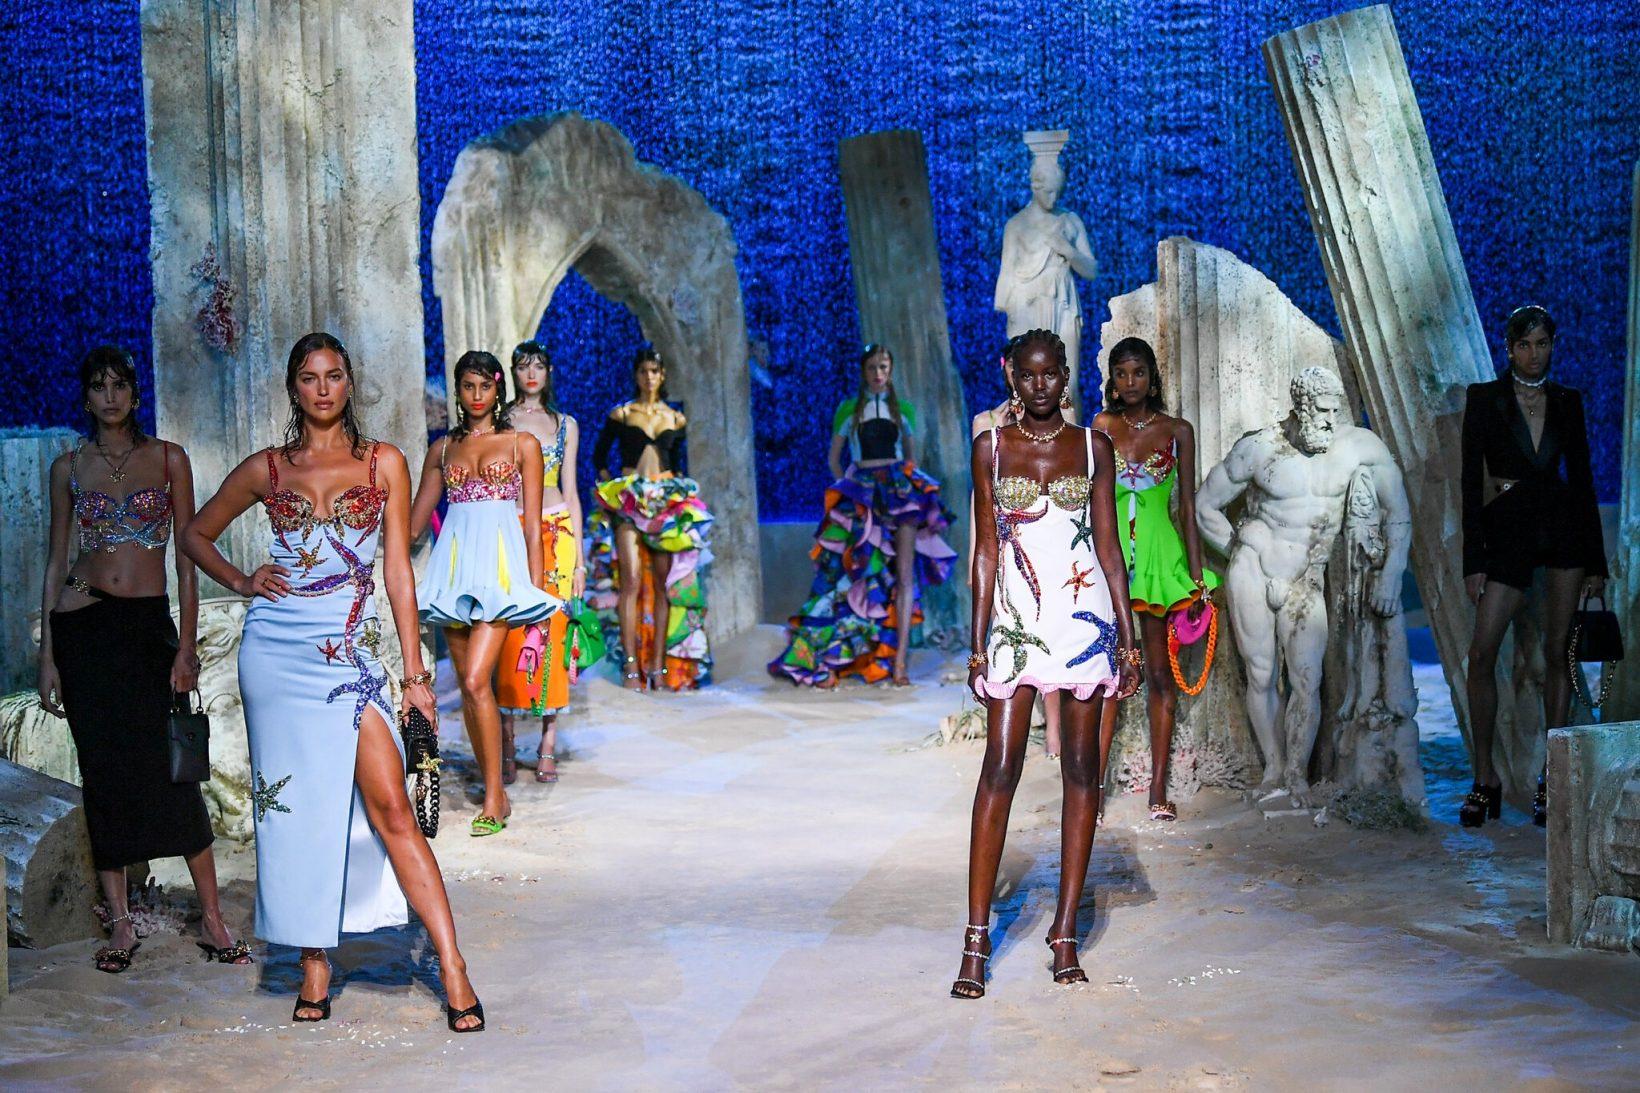 Milan Fashion Week: digital, a medium for strong ideas